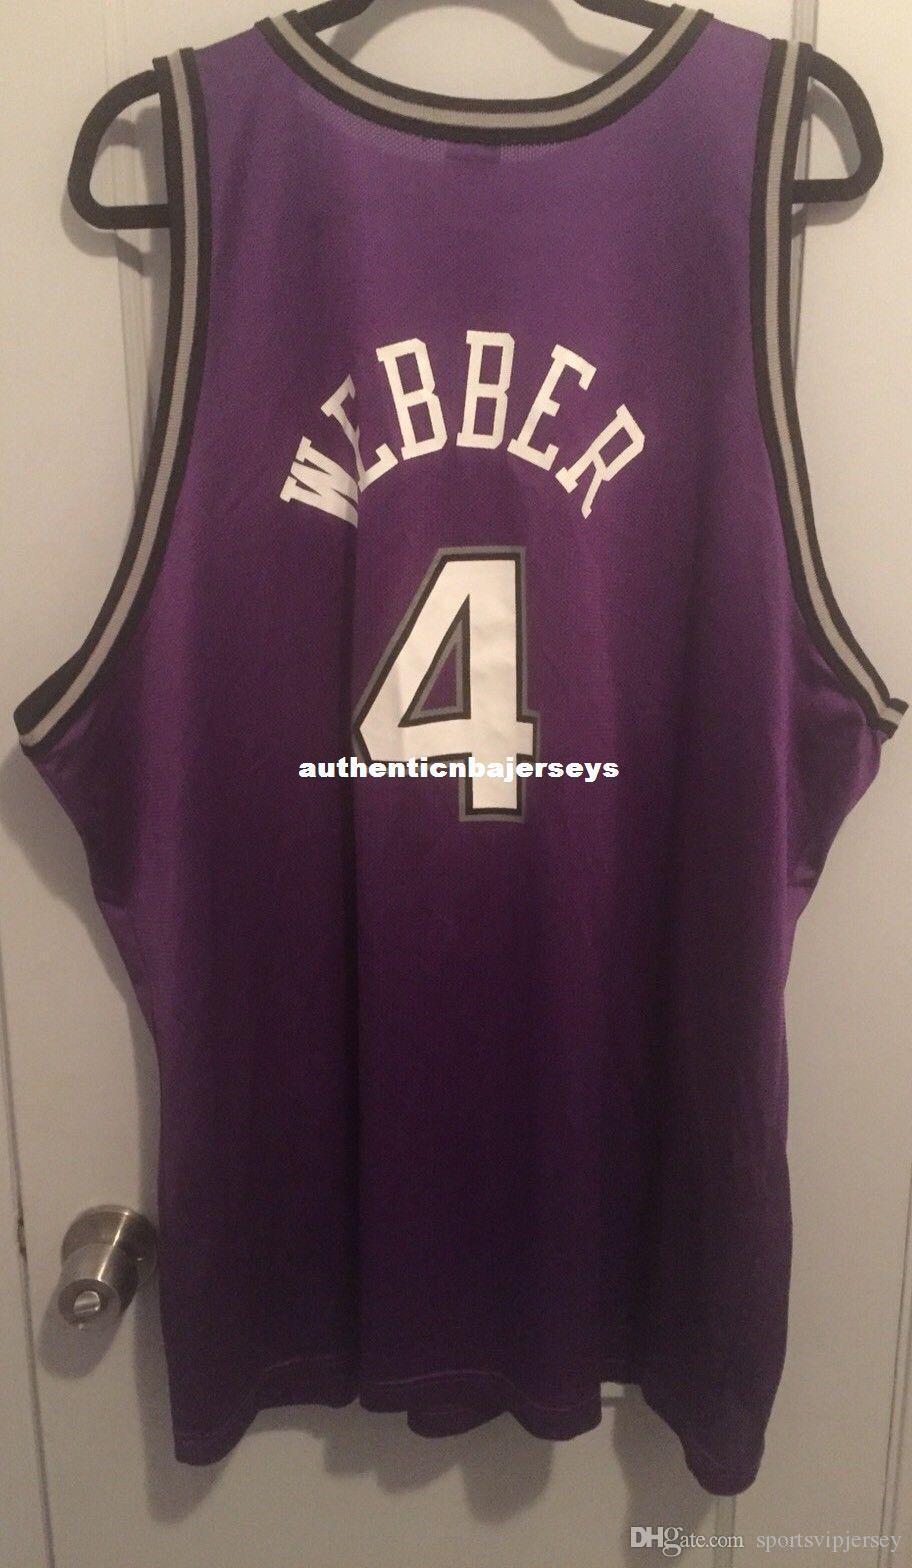 Barato al por mayor de Chris Webber # 4 Jersey Champion 90 Menta Bibby la camiseta del chaleco cosido jerseys del baloncesto NCAA